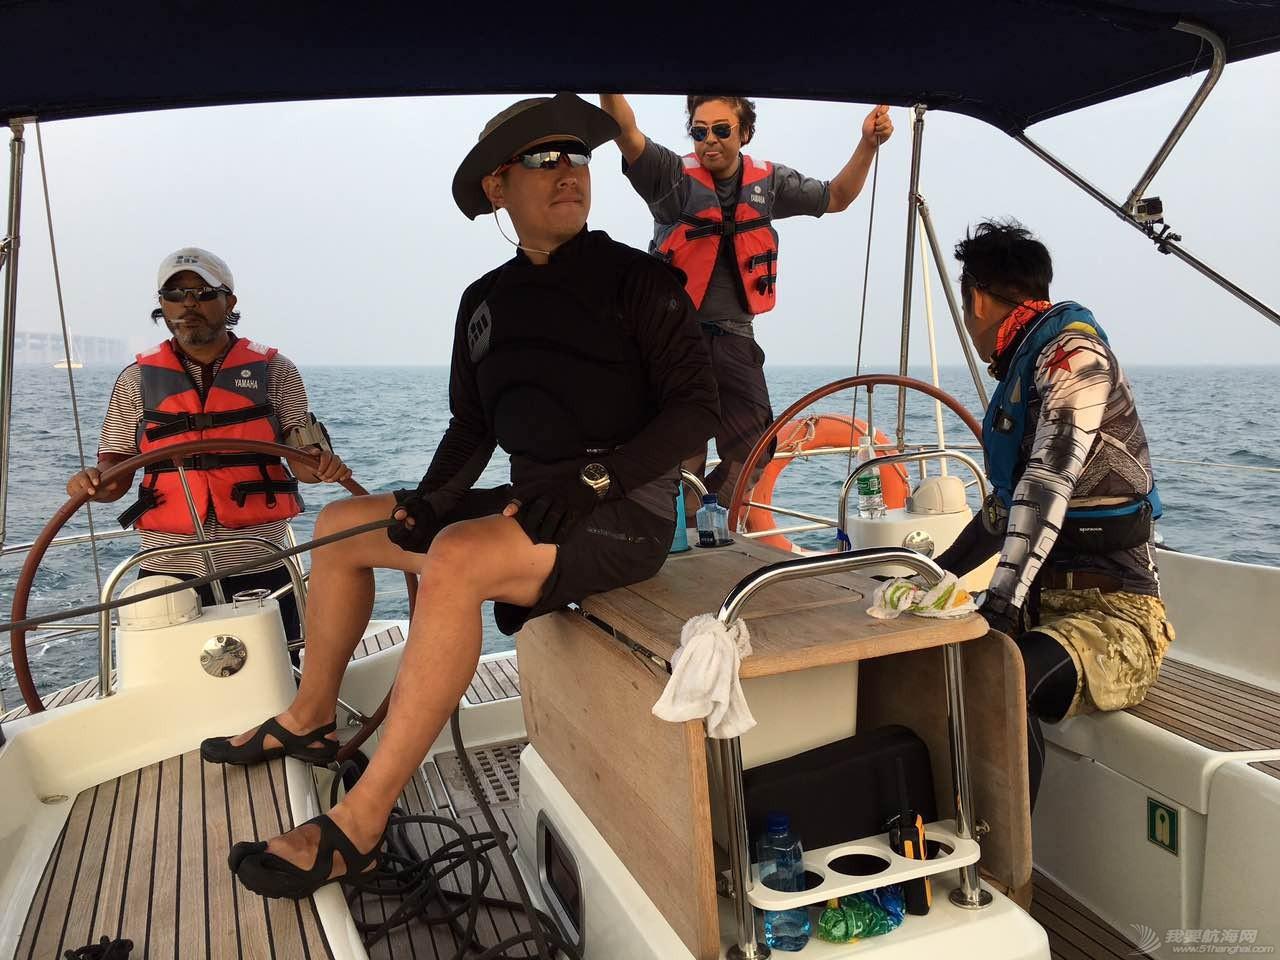 拉力赛,渤海,长航,记录 终其一生,做不完的航海梦!——记录人生第一次的风帆长航,环渤海拉力赛2016 2.jpg